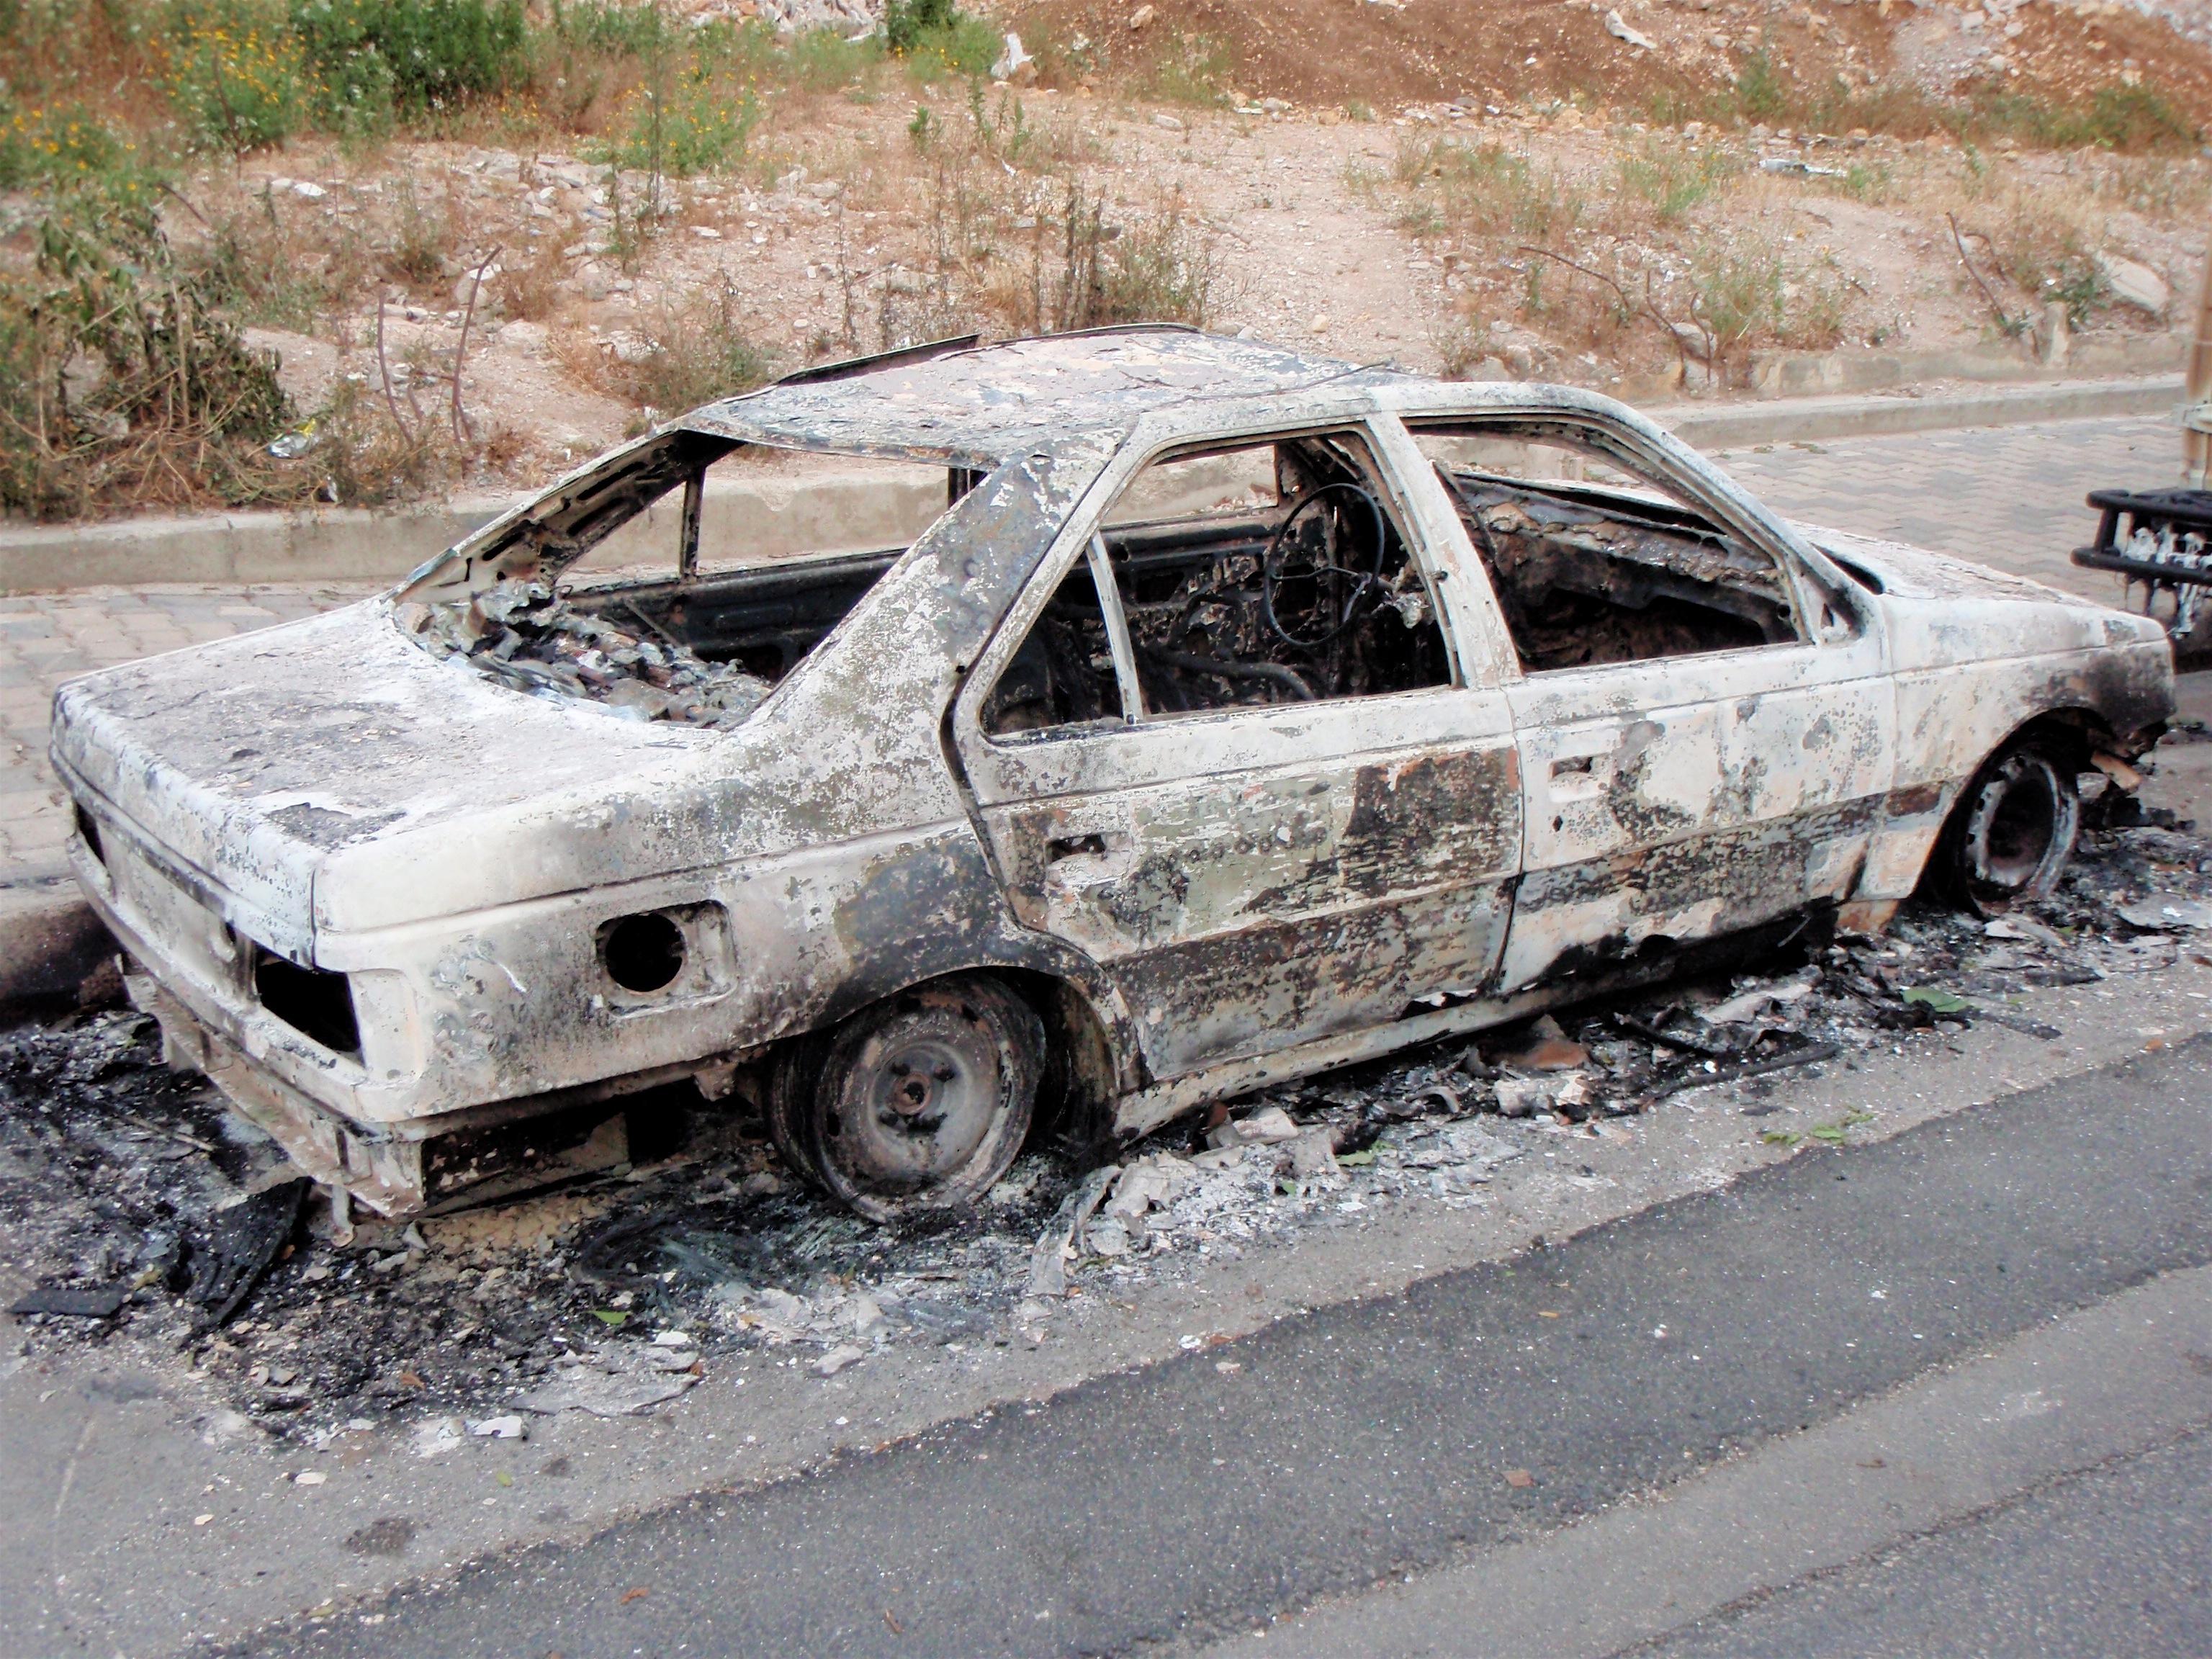 File:Heavily Damaged Car Beirut Lebanon Unrest 5-9-08.jpg ...